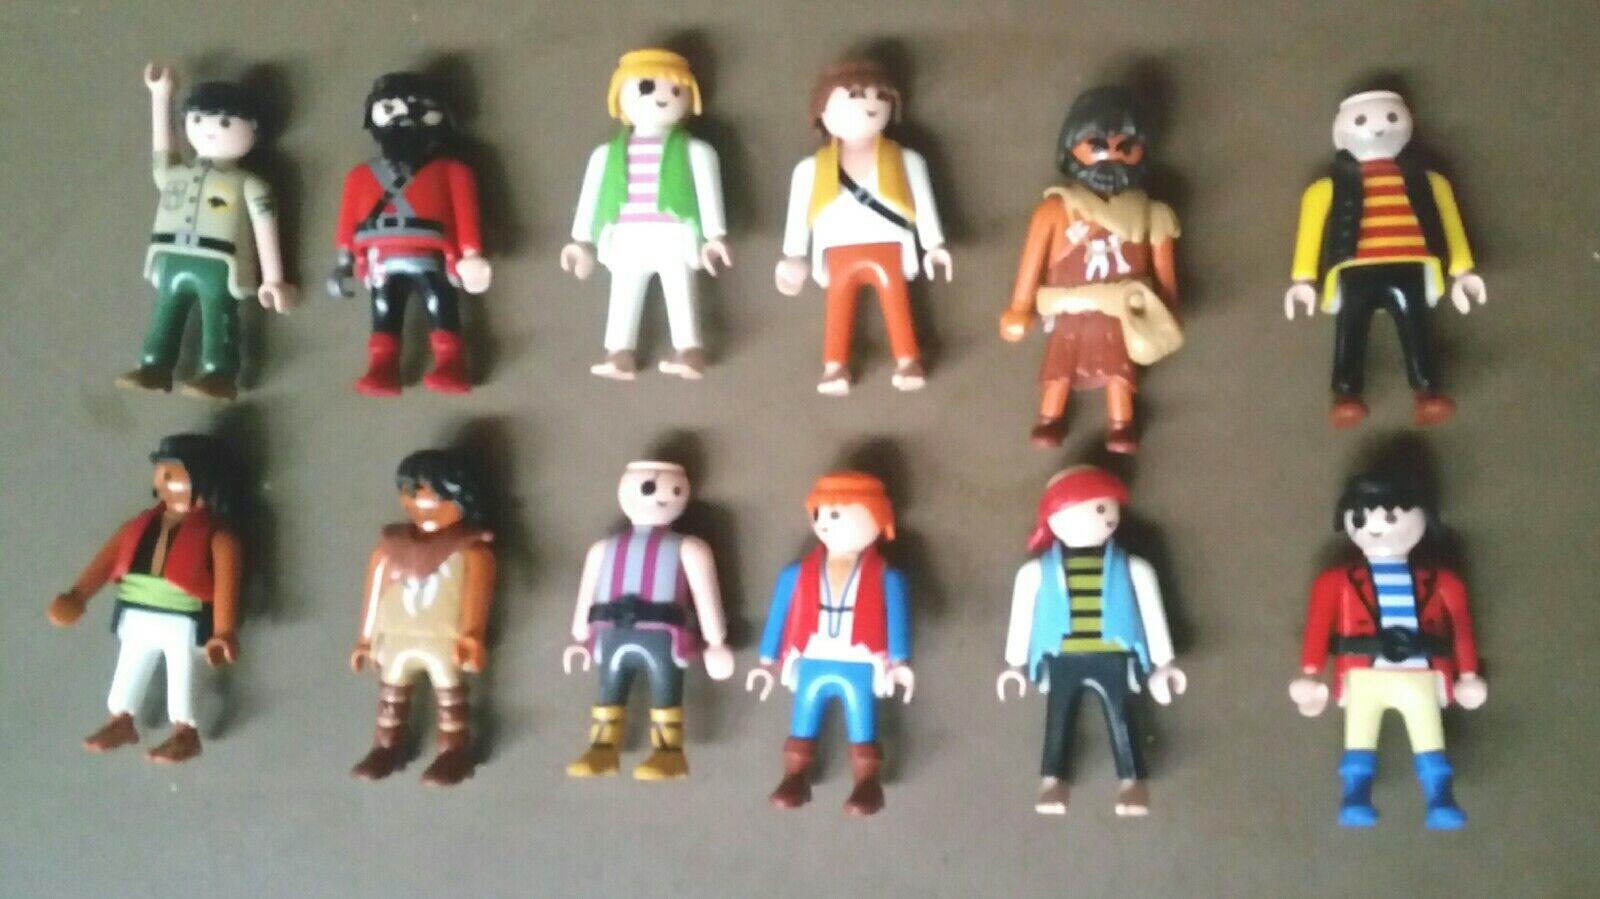 160+ Playmobil Pirate Lot de pièces et les pirates 1991 1998 2002 2003 2010